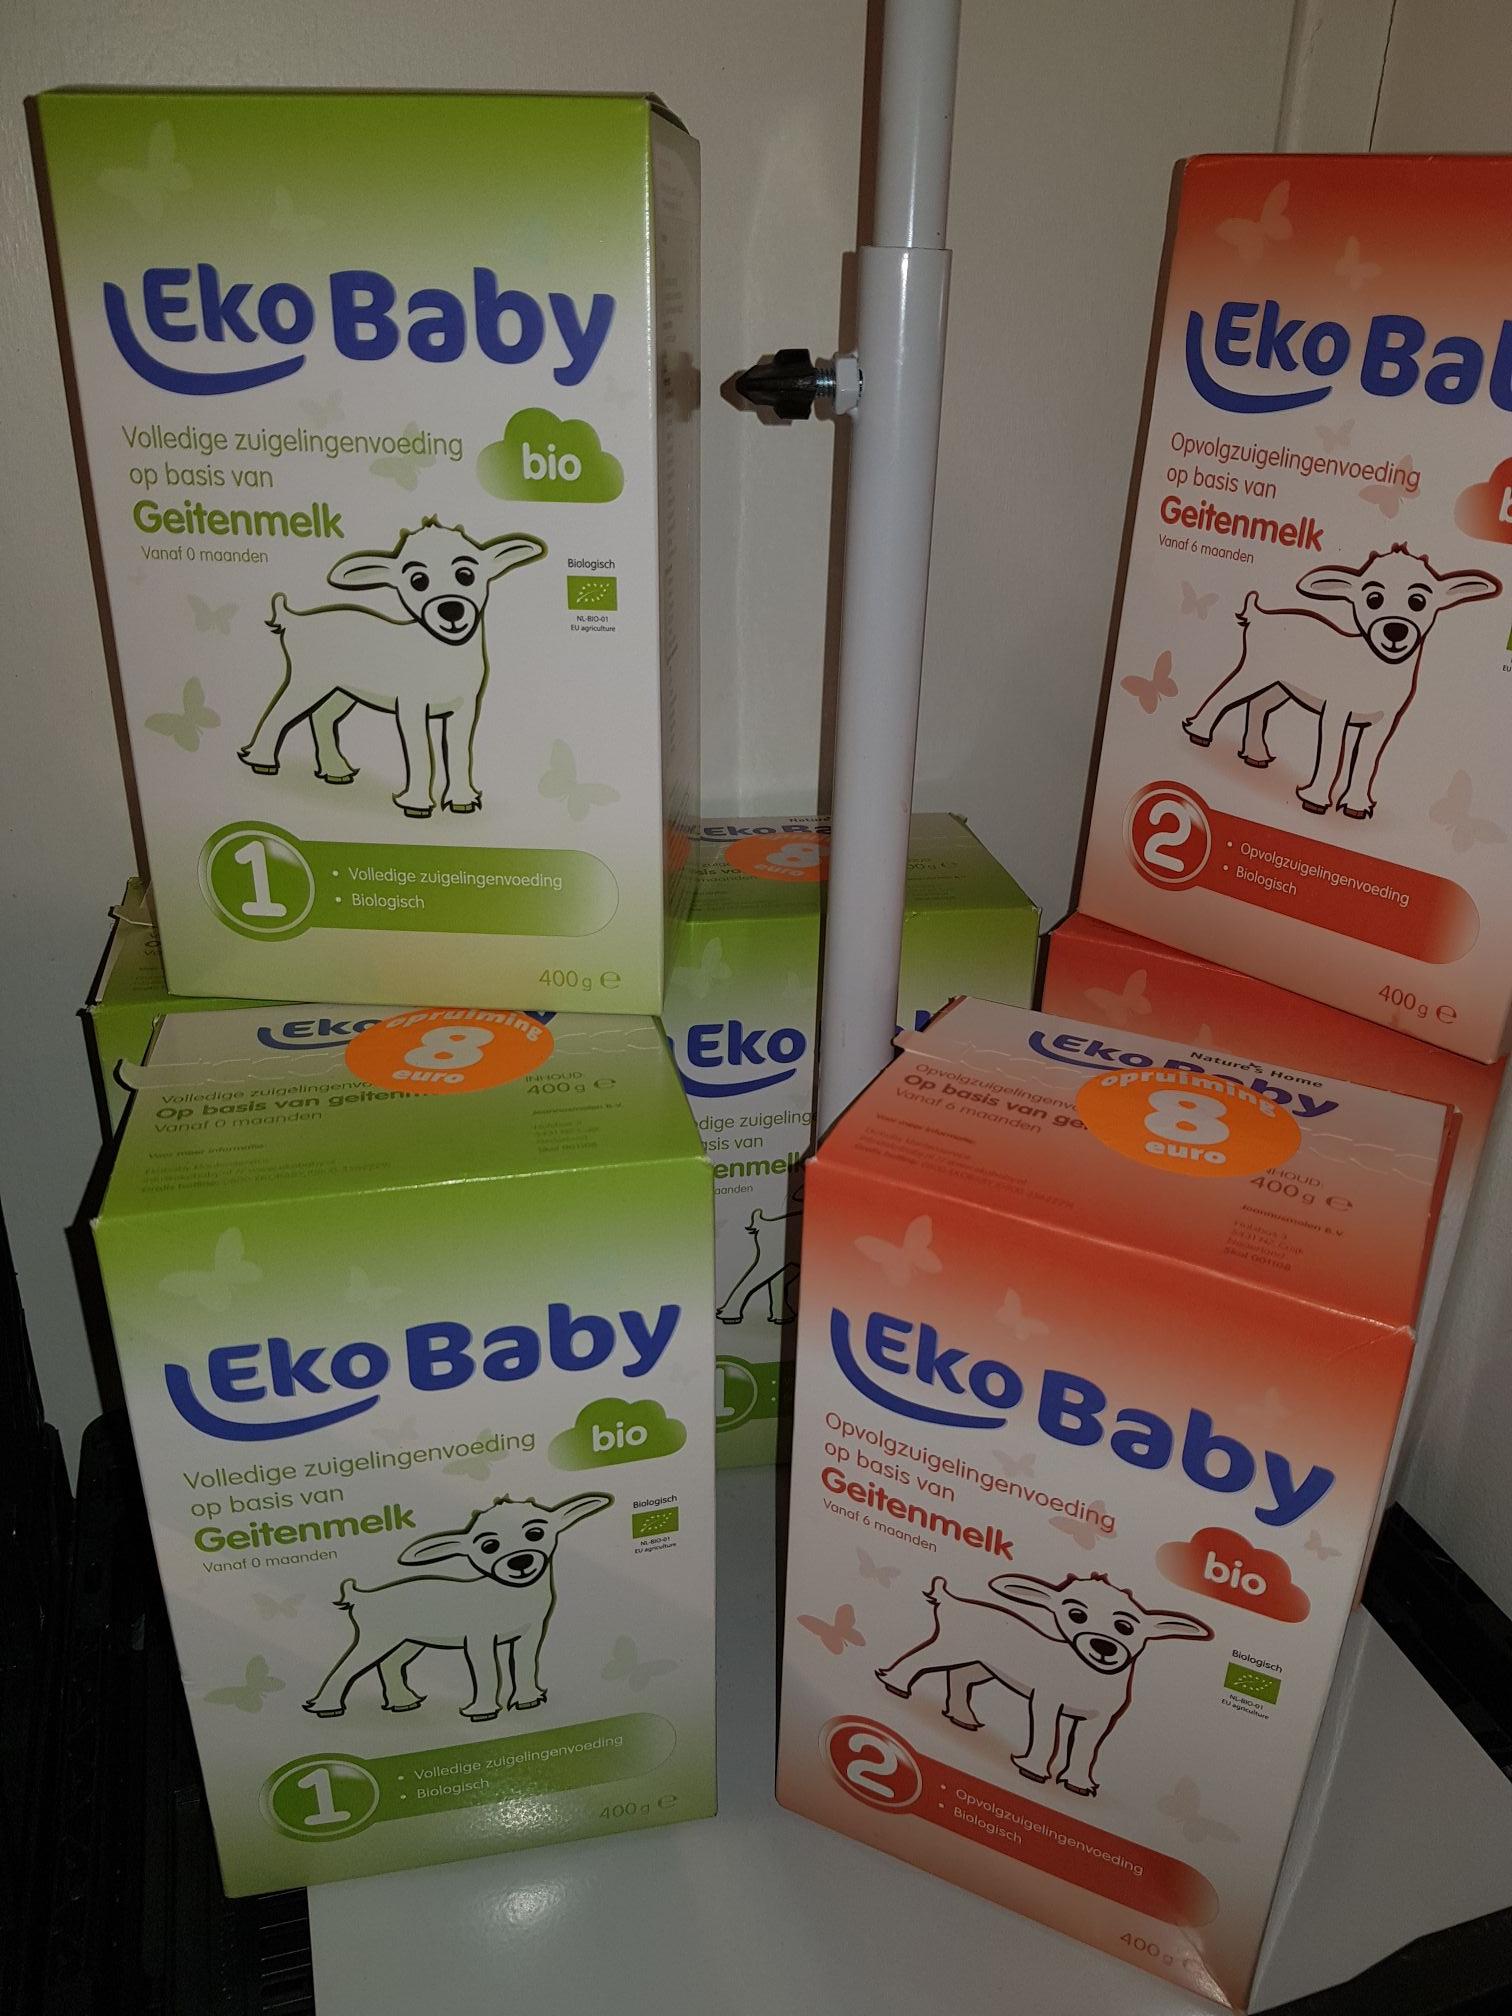 Eko baby geitenmelk nr 1 & 2 (Jumbo Rotterdam Lageland) misschien elder ook